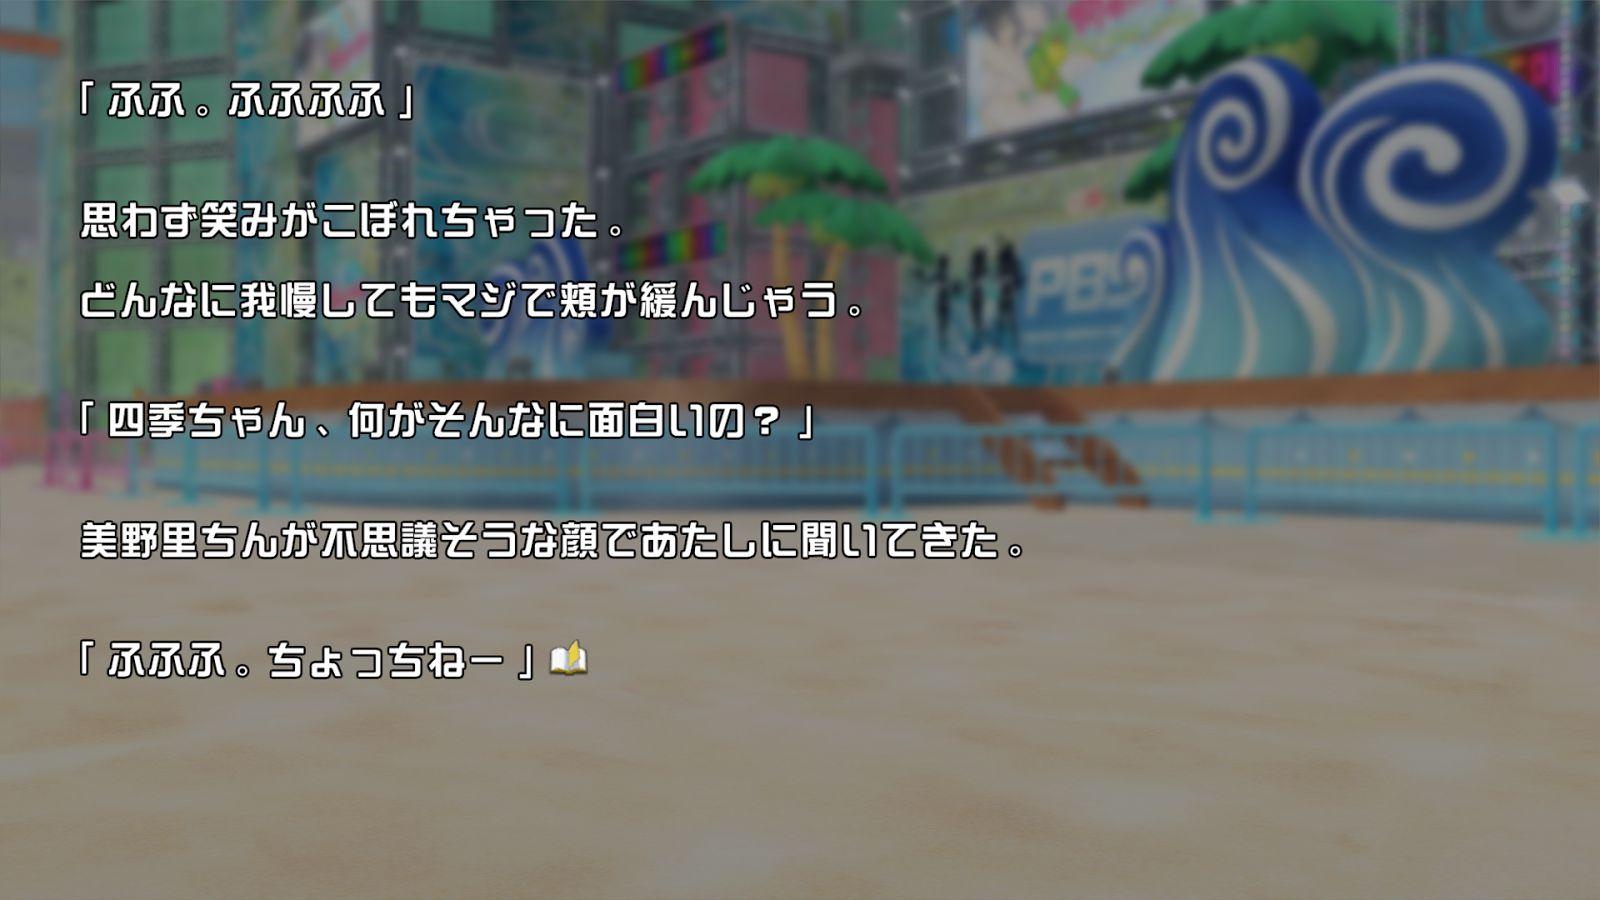 閃乱カグラPBS 閃乱カグラPBSアップデートで追加ストーリー「ビーチで激写!」準備中!